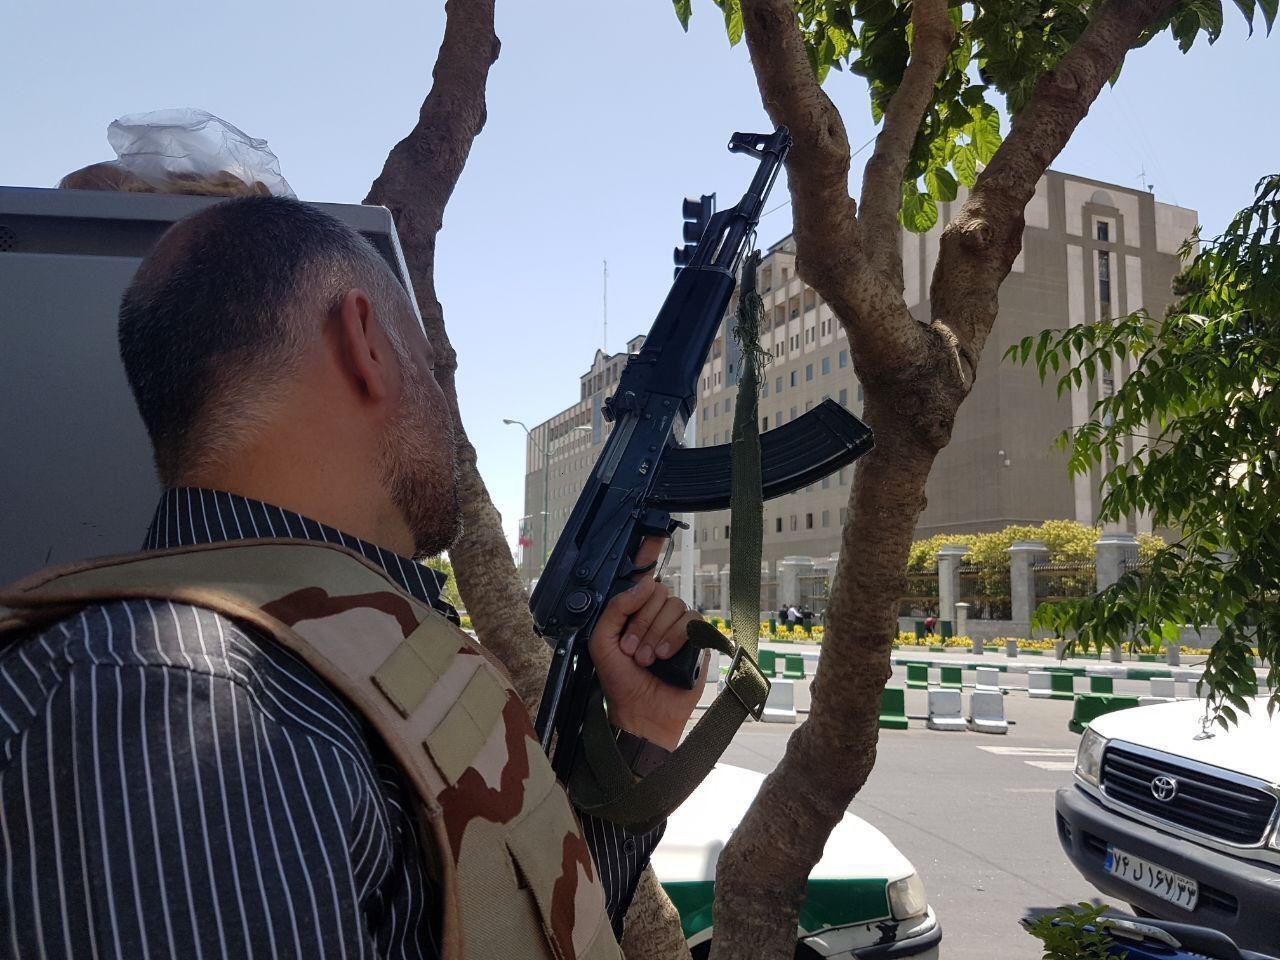 داعش چگونه مغزشویی می کند و از مناطق مرزی ایران، نیرو می گیرد؟